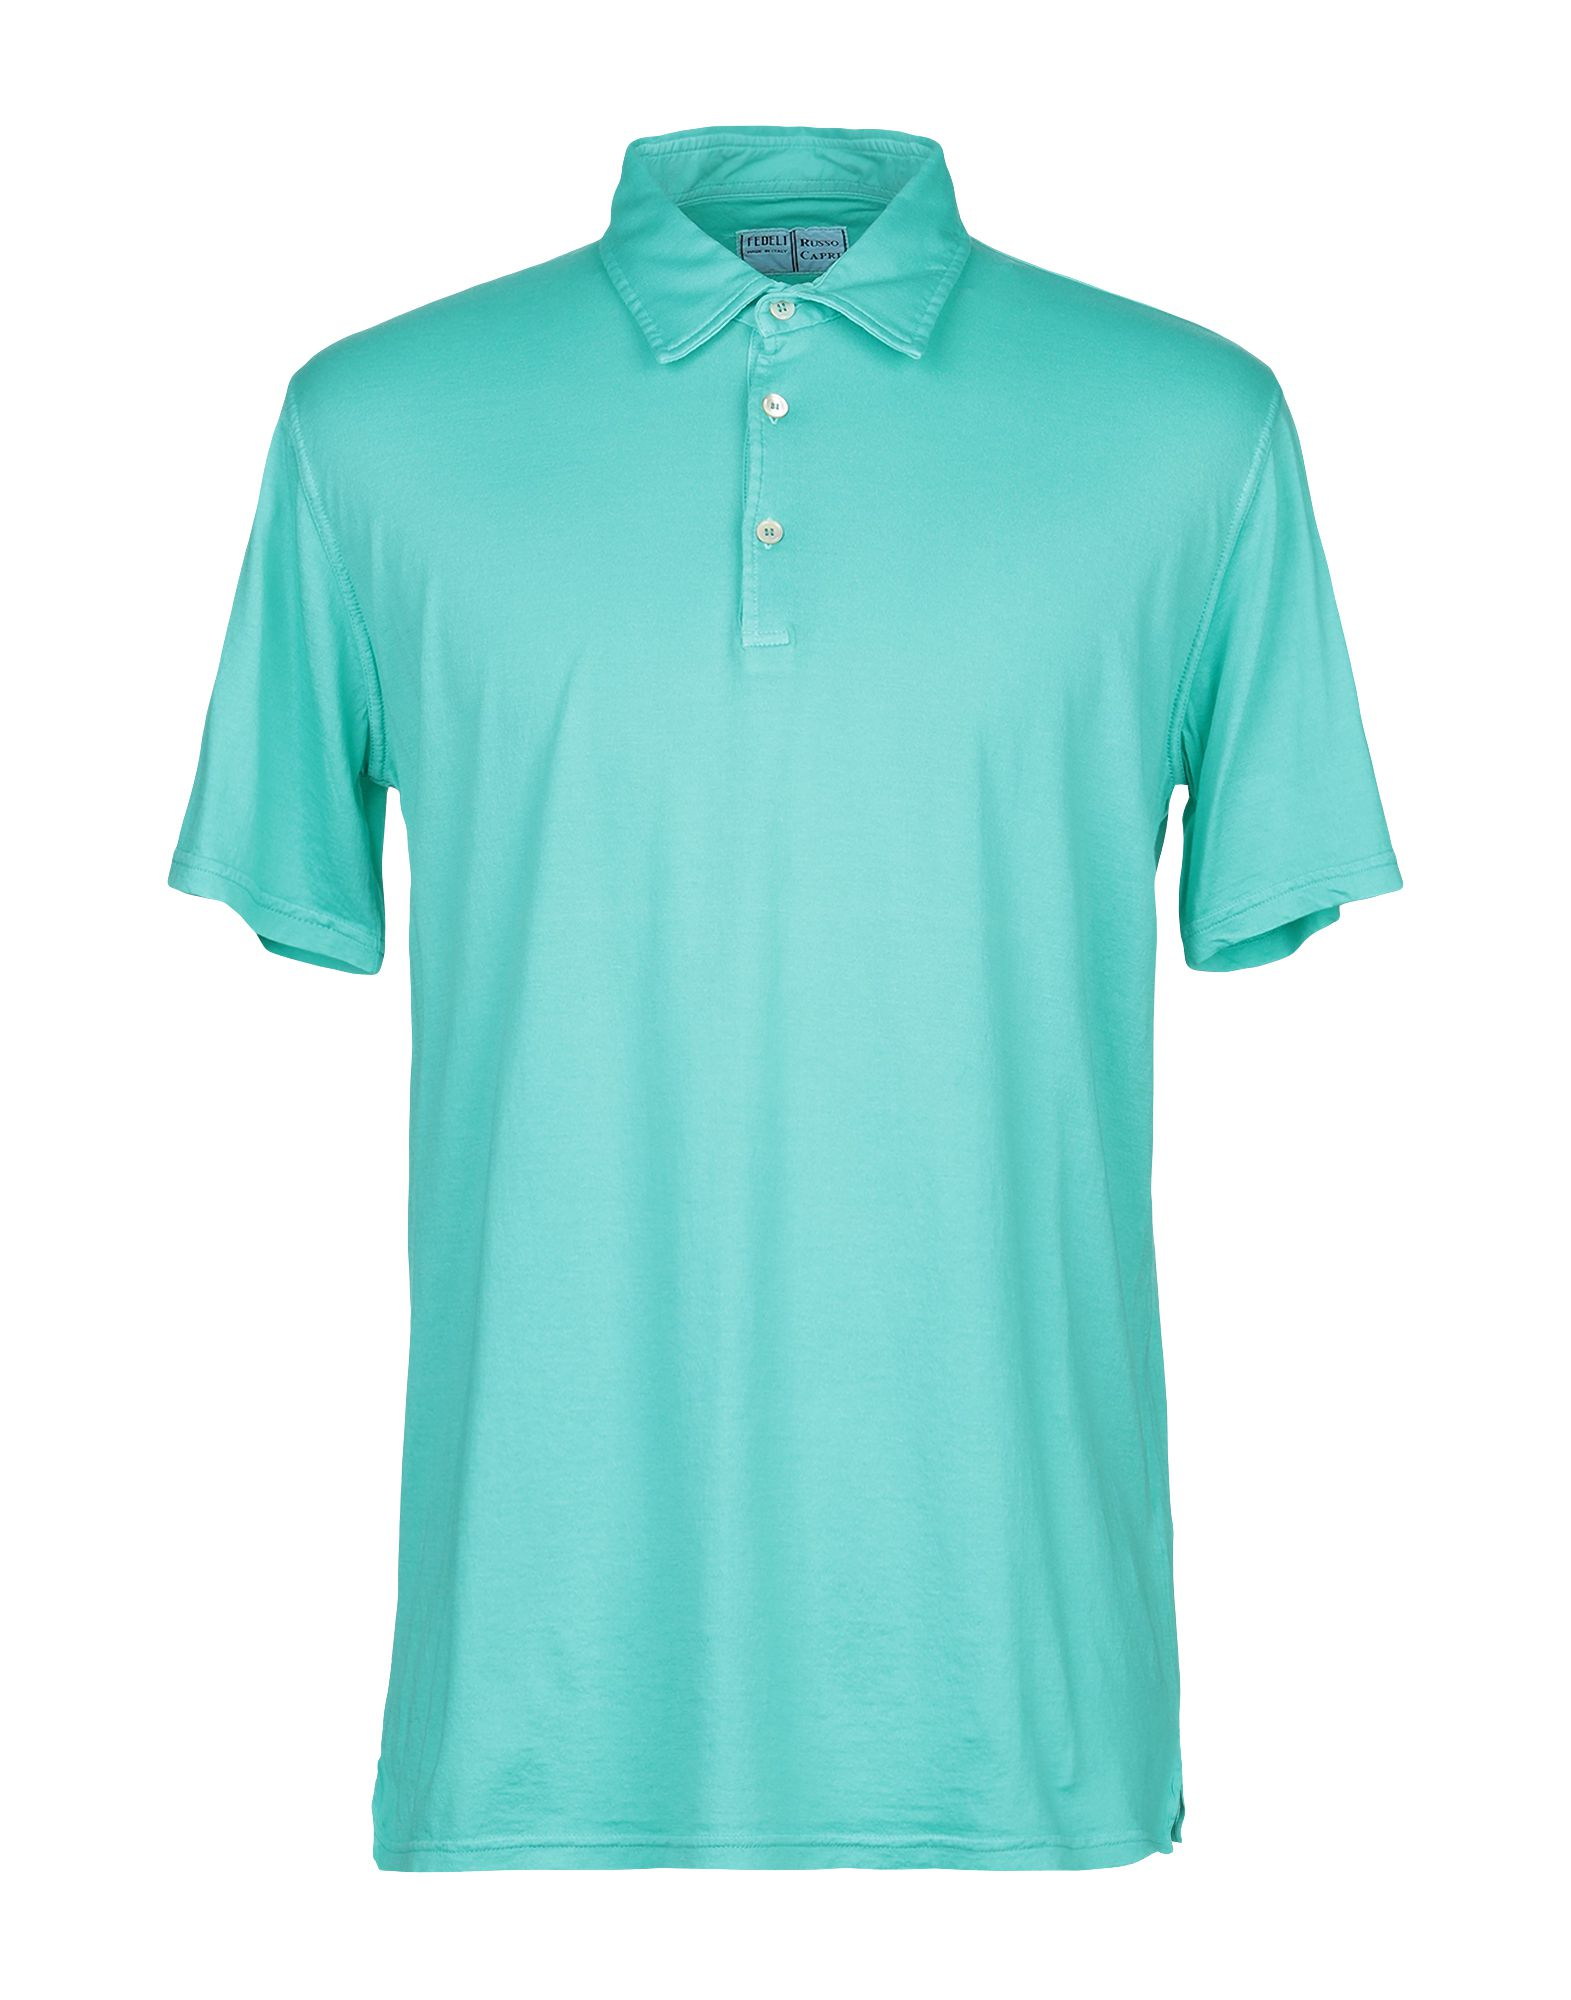 《期間限定セール中》FEDELI メンズ ポロシャツ グリーン 54 コットン 100%